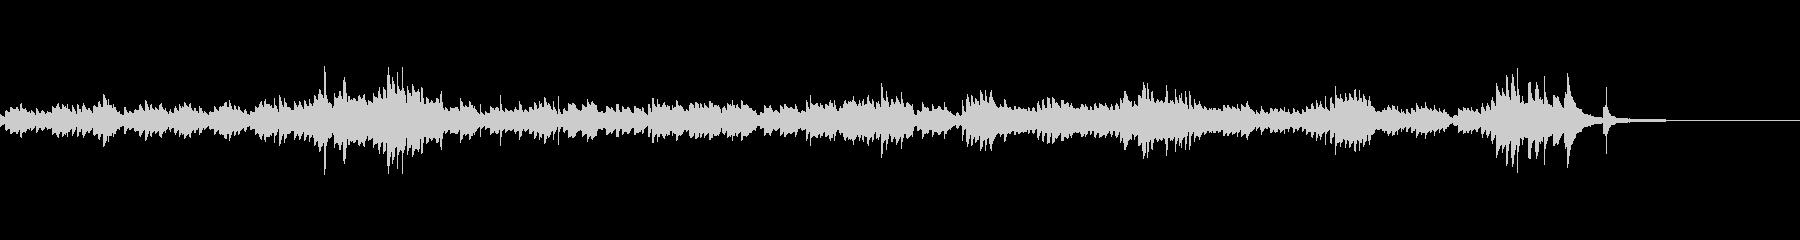 アルペジオの美しいピアノ曲の未再生の波形